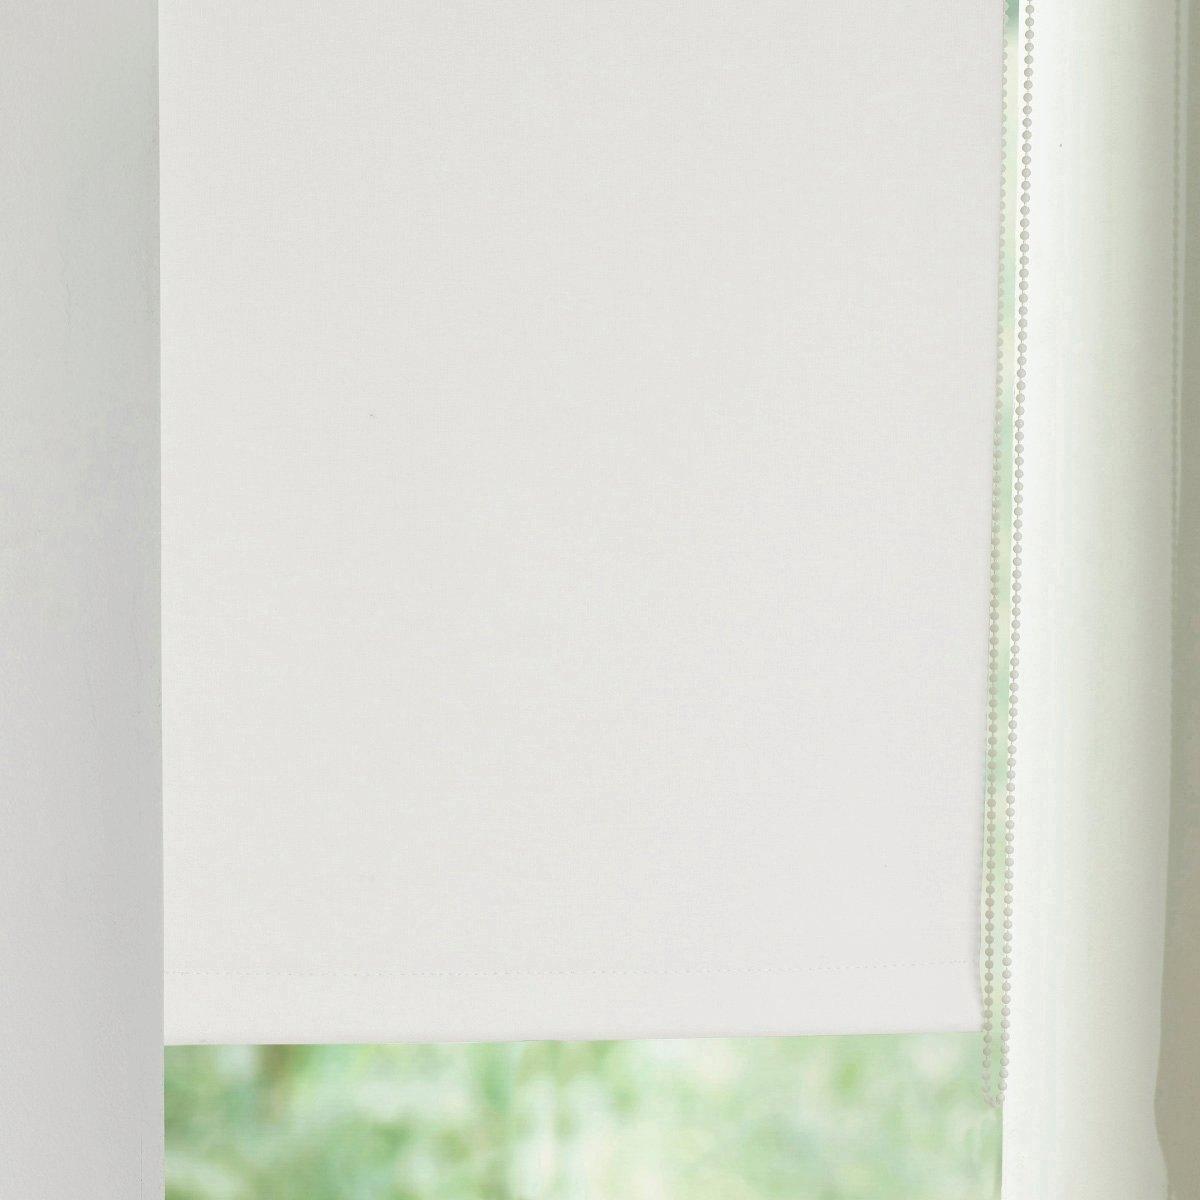 Штора рулонная, затемняющая, узкаяЗатемняющая рулонная штора, с простым креплением  : Крепление защелкой ! Характеристики затемняющей рулонной шторы :Плотная ткань из 100% полиэстера. Тяжелая рейка внизу. Лицевая сторона из цветного хлопка, оборотная сторона с пропиткой ПВХ, обеспечивающей затемнение   Для всех типов окон. Революционная система крепления без сверления, для окон небольшой ширины (32-42 см), подходит для окон из ПВХ  .Длина регулируется механизмом с цепочкой. Можно отрезать по ширине.Высота: 170 см.                                              Набор креплений для деревянных и алюминиевых окон не входит в комплект.                                                  Производство осуществляется с учетом стандартов по защите окружающей среды и здоровья человека, что подтверждено сертификатом Oeko-tex®.<br><br>Цвет: белый,красный,розовый,серо-бежевый,серо-коричневый каштан,серо-синий,серый мышиный,сине-зеленый,черный,ярко-фиолетовый<br>Размер: 170 x 37 см.170 x 37 см.170 x 32 см